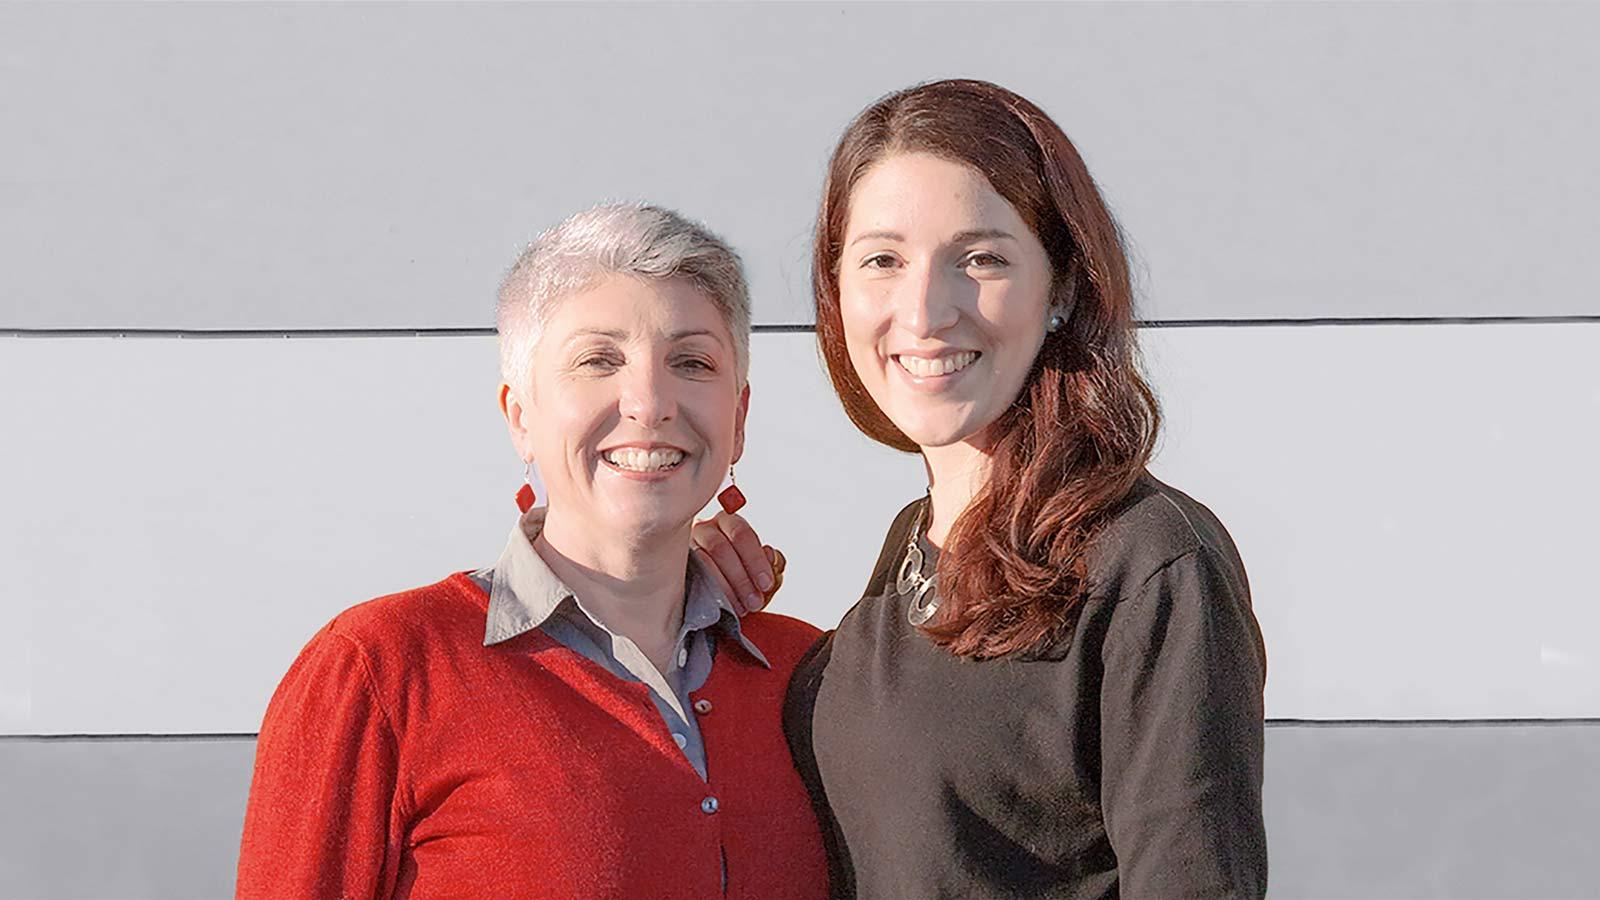 Maria Faber-Köchl und Anna Faber vom Weingut Faber-Köchl